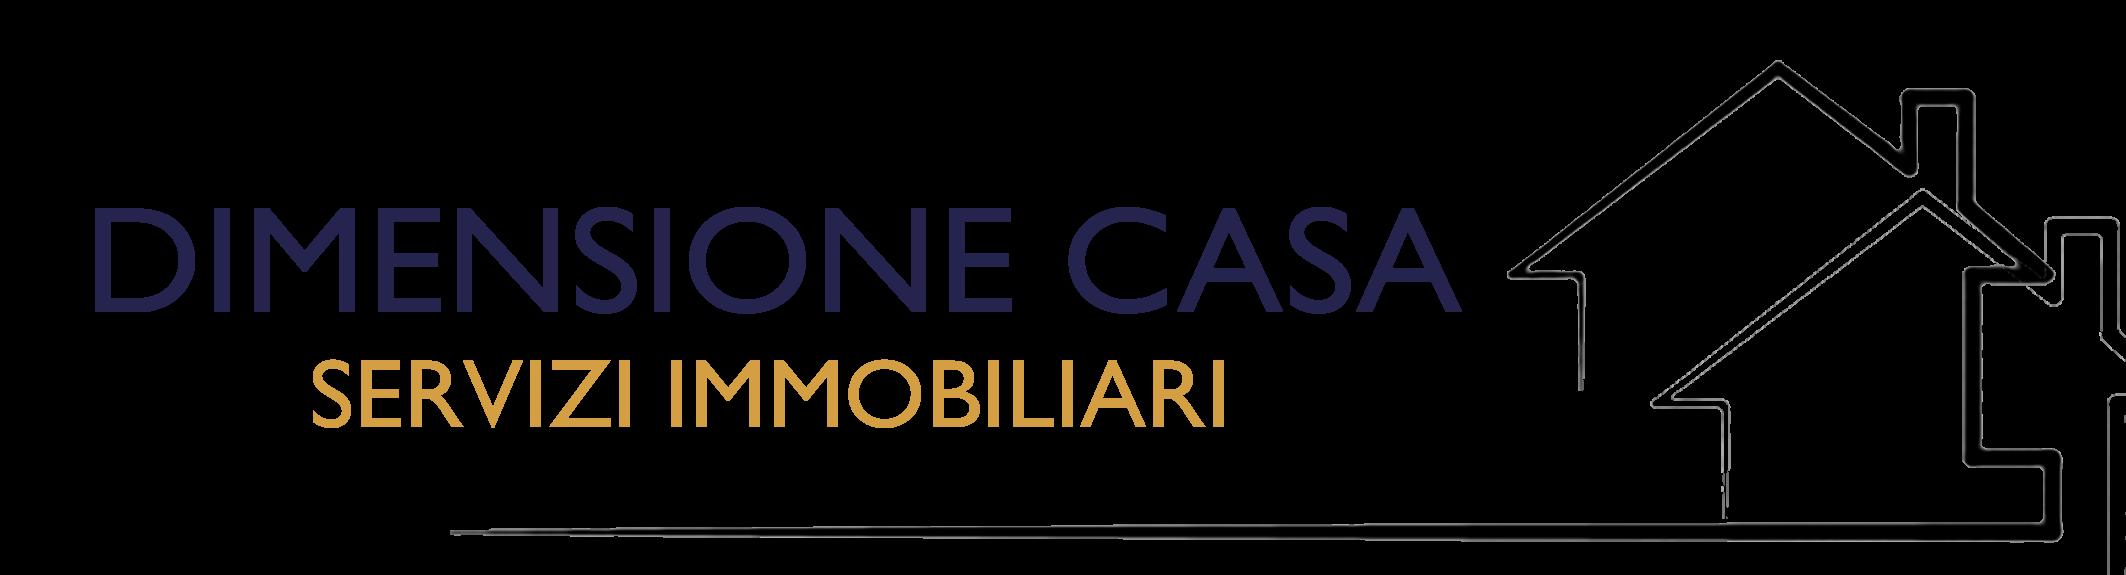 DIMENSIONE CASA SAS